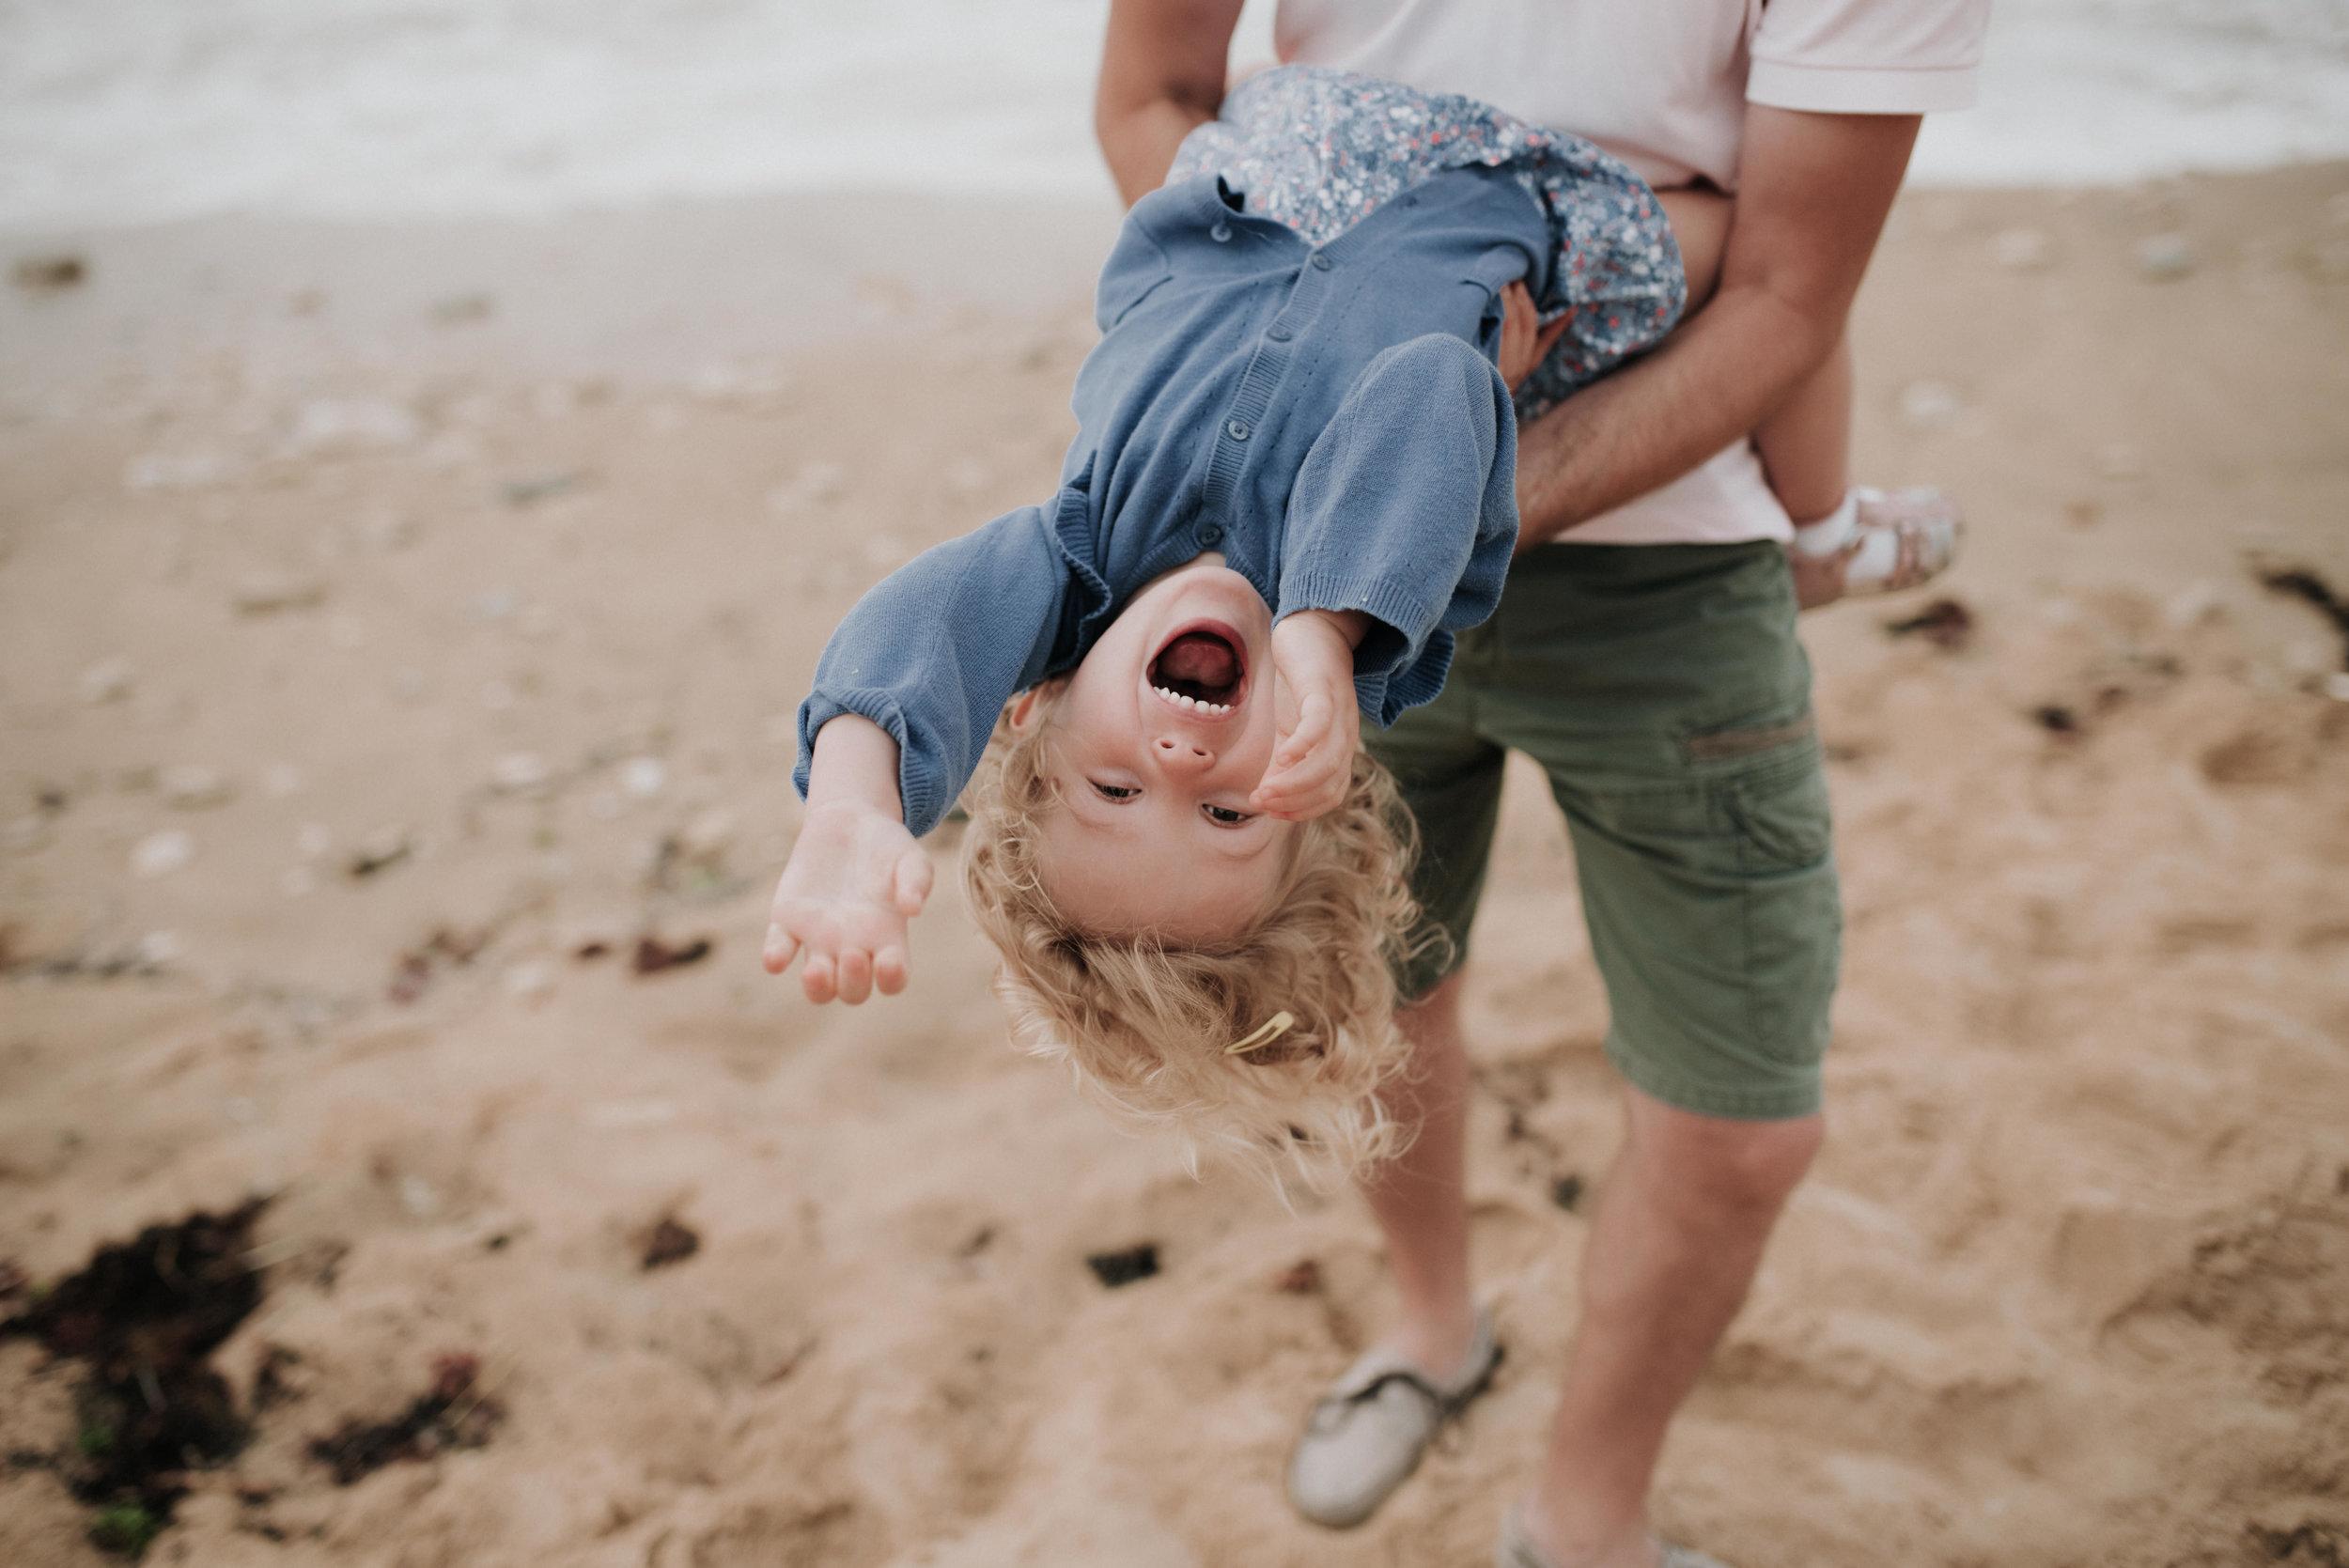 Léa-Fery-photographe-professionnel-lyon-rhone-alpes-portrait-creation-mariage-evenement-evenementiel-famille-2636.jpg